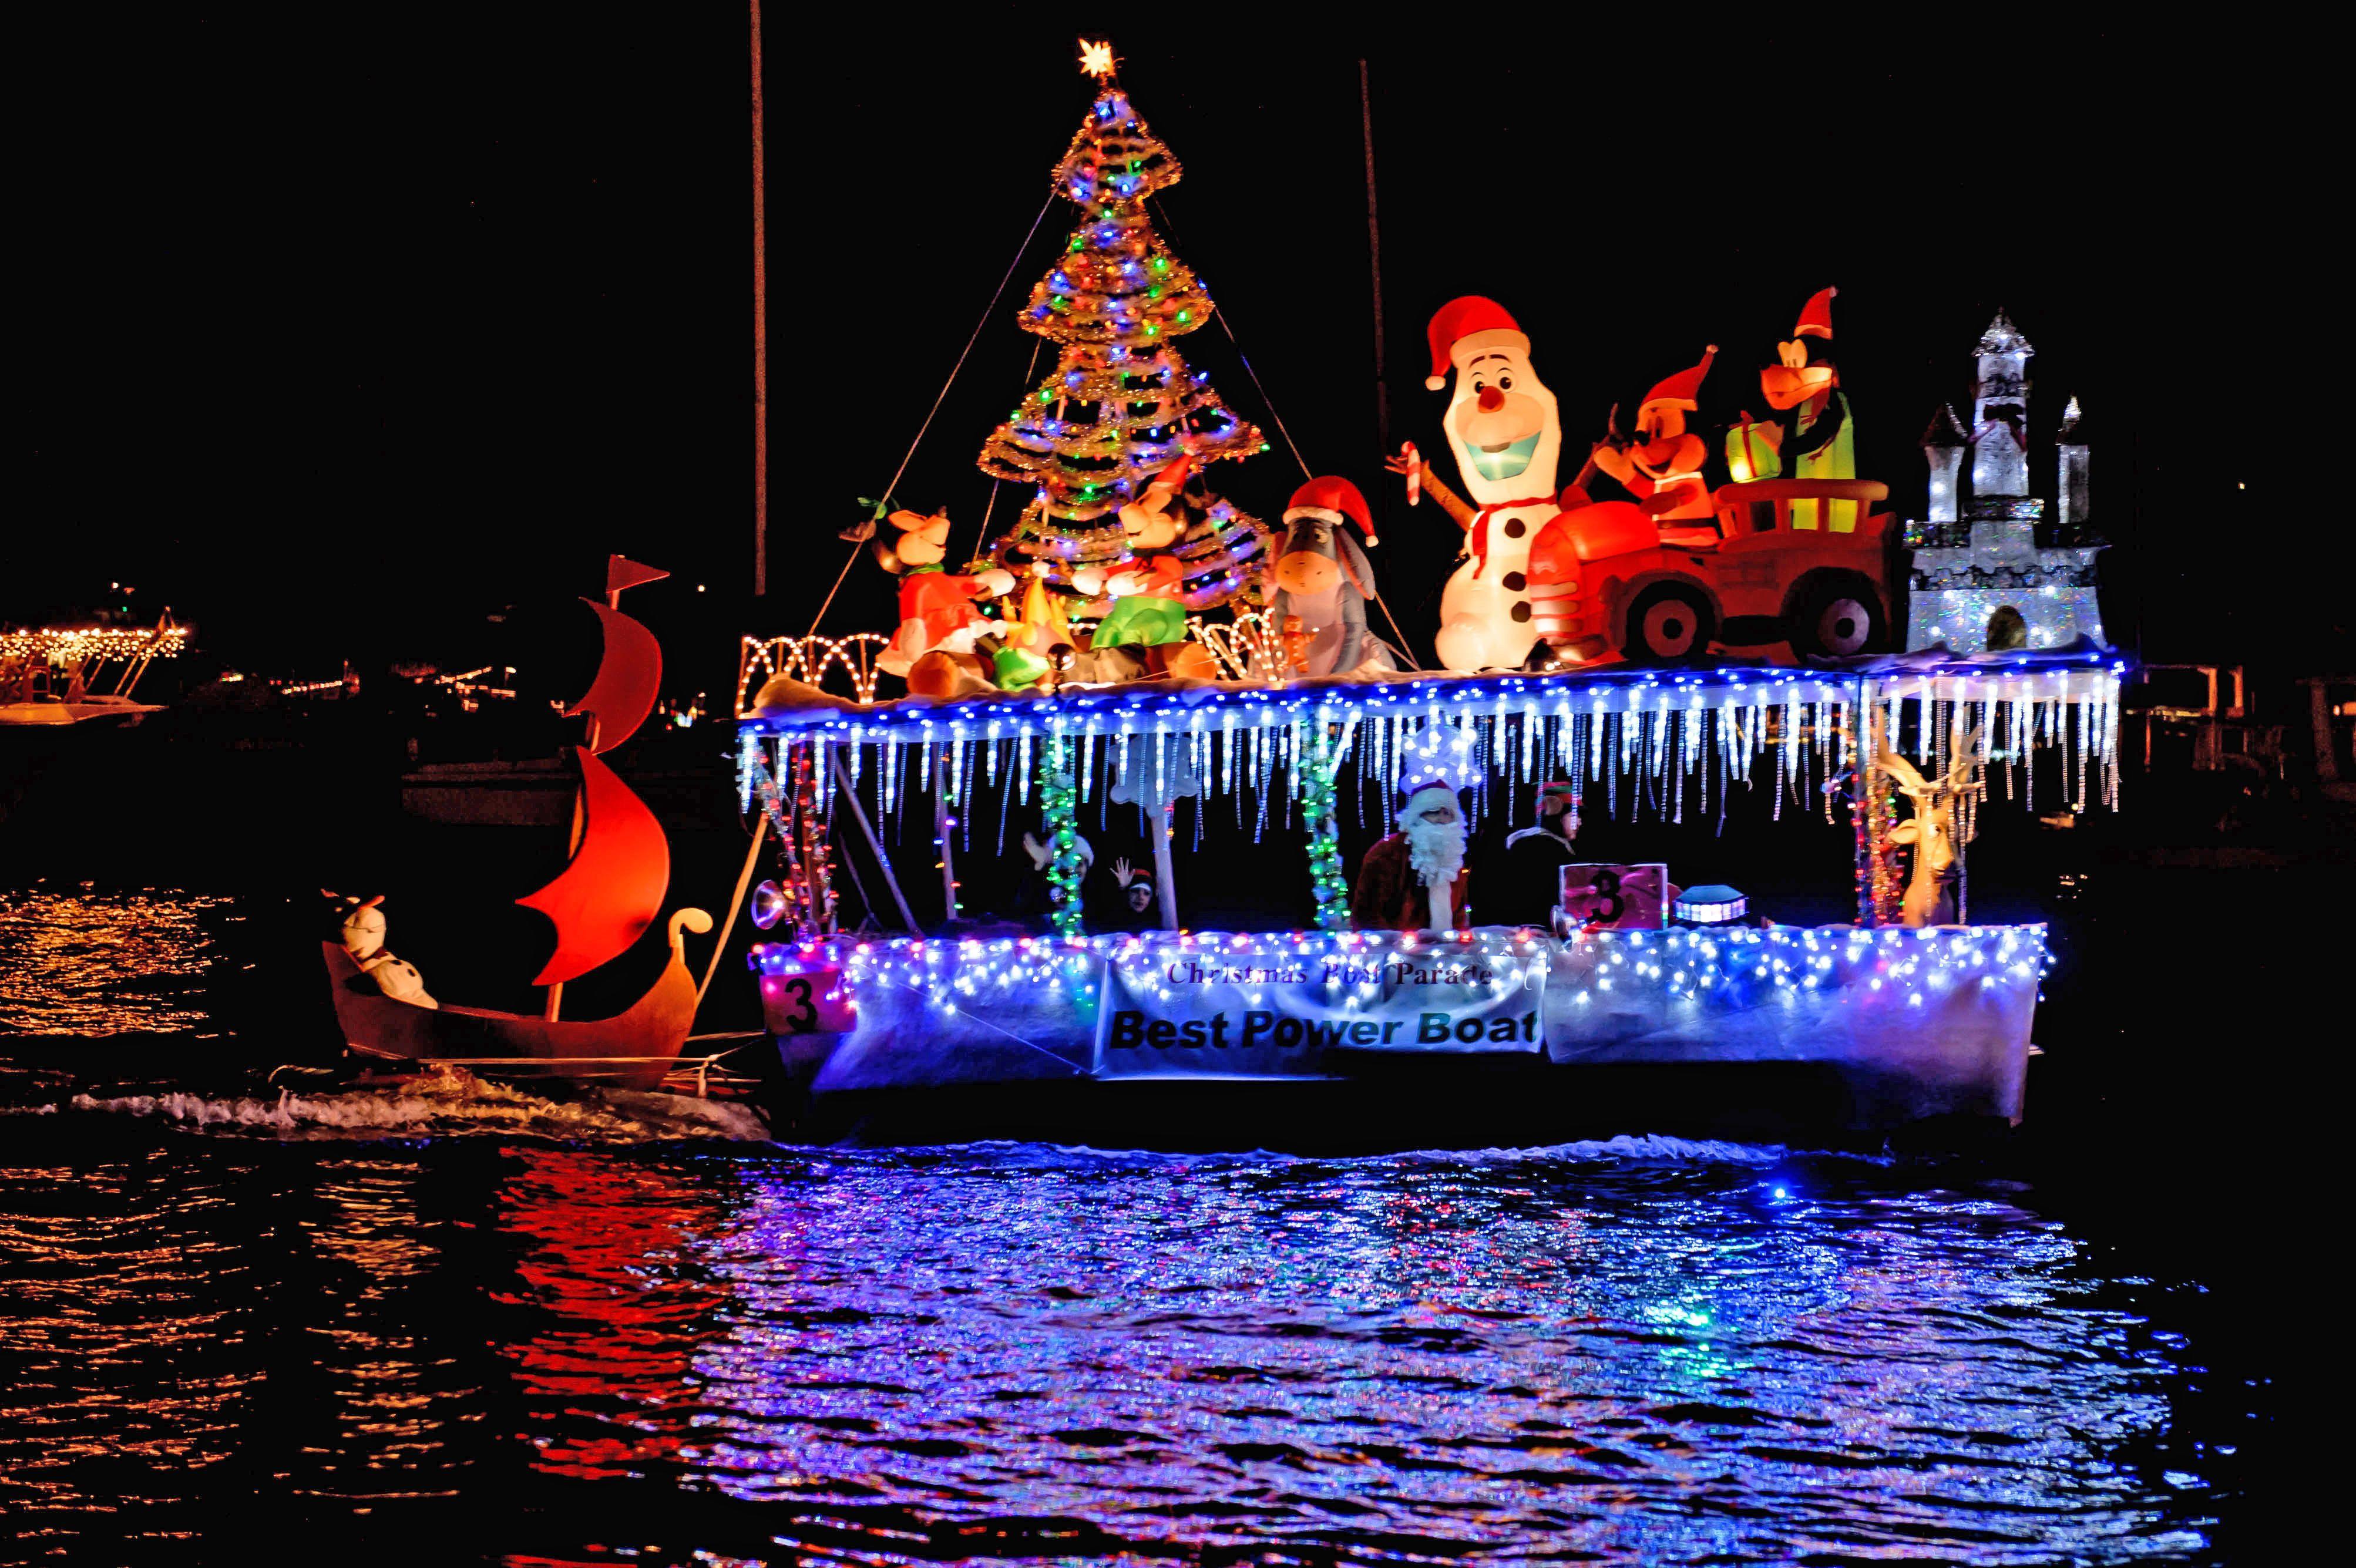 Newport Beach Christmas Boat Parade.Newport Beach Christmas Boat Parade The Complete Guide